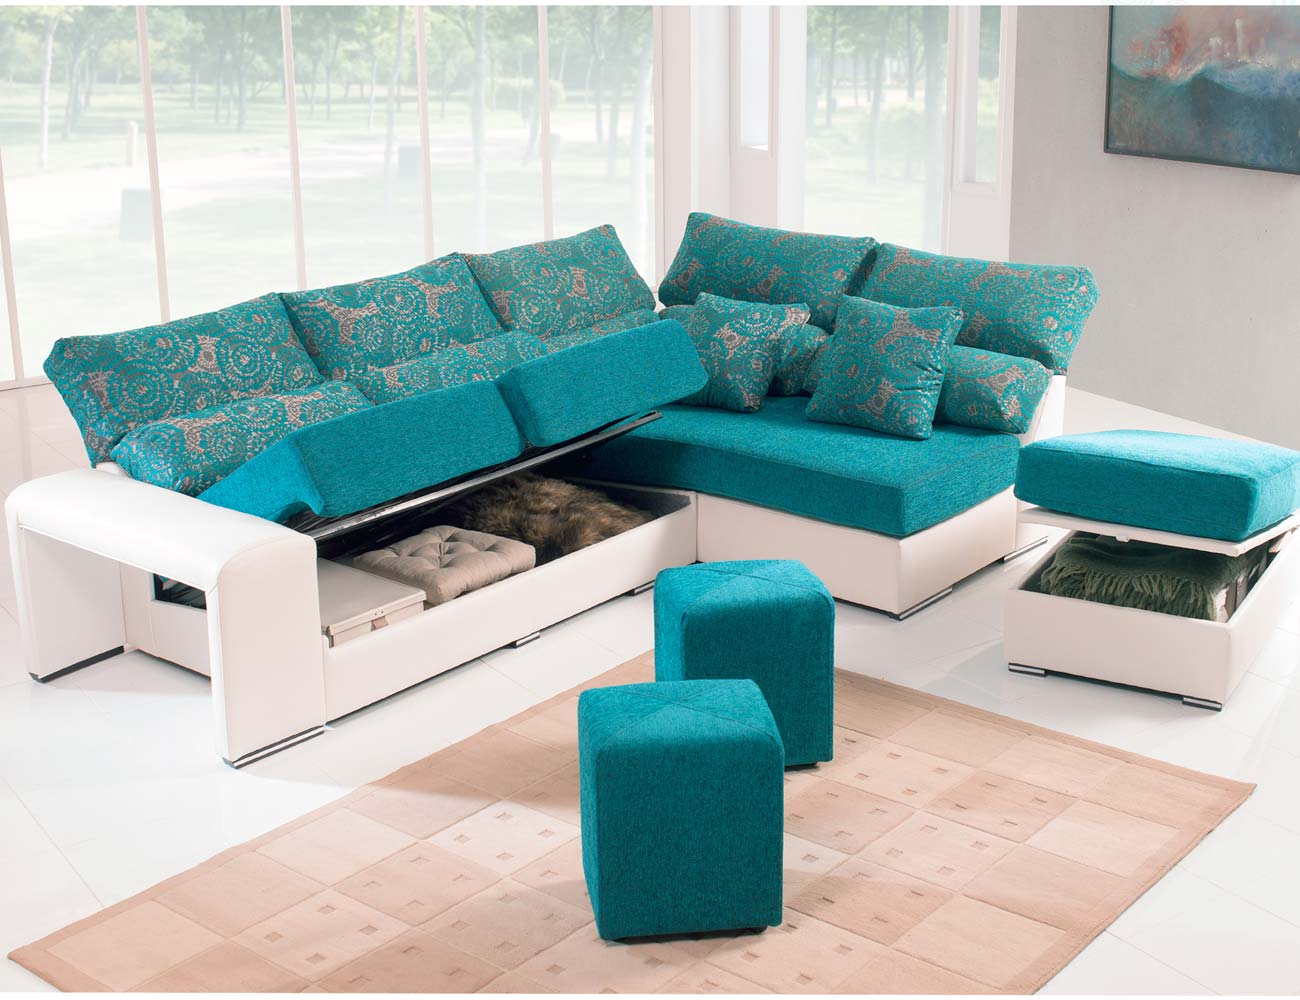 Sofa chaiselongue rincon puff arcon taburete16